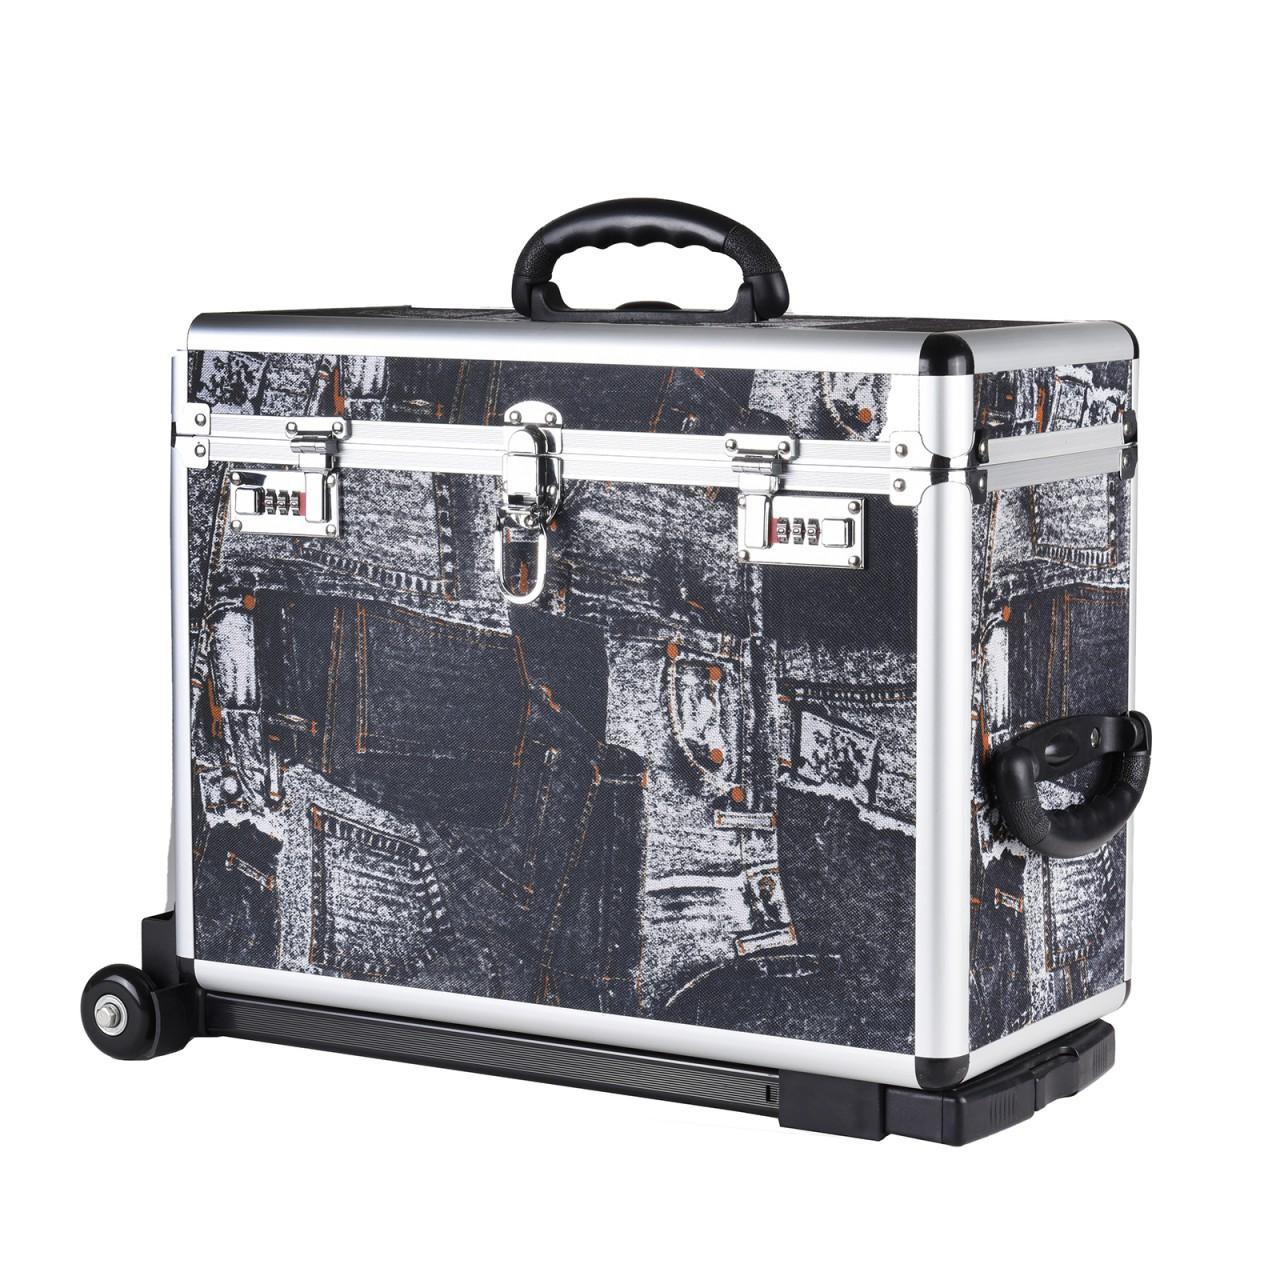 Trolley Pilotkoffer Reisetrolley Handgepäck Geschäftskoffer Mit Jeans-motiv Reisekoffer & -taschen Reisen